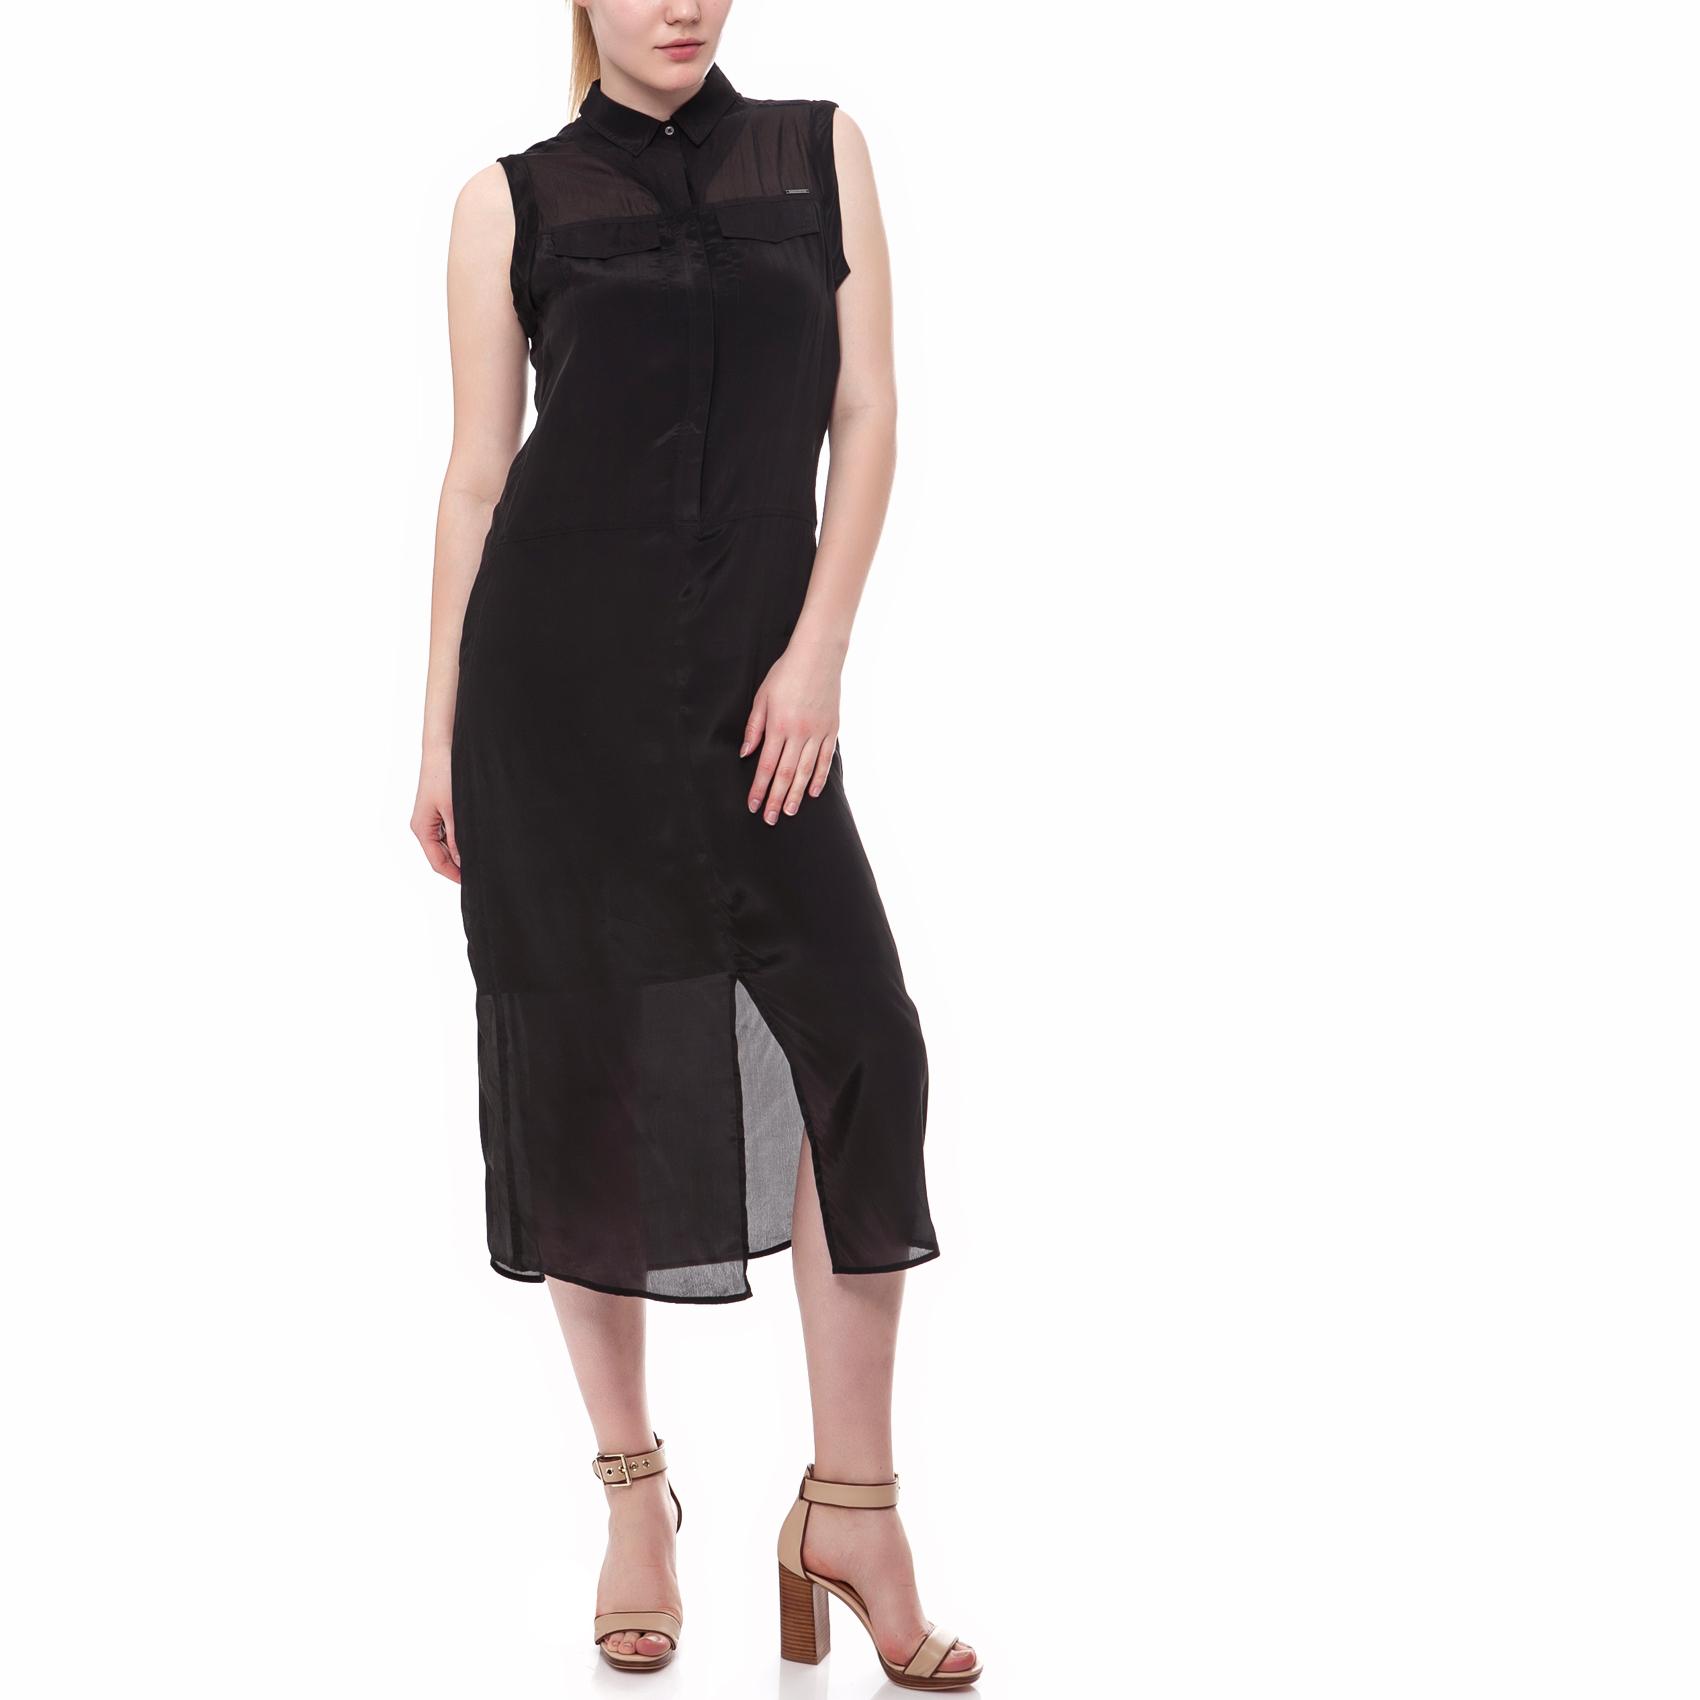 CALVIN KLEIN JEANS - Γυναικείο φόρεμα Calvin Klein Jeans μαύρο γυναικεία ρούχα φορέματα μέχρι το γόνατο